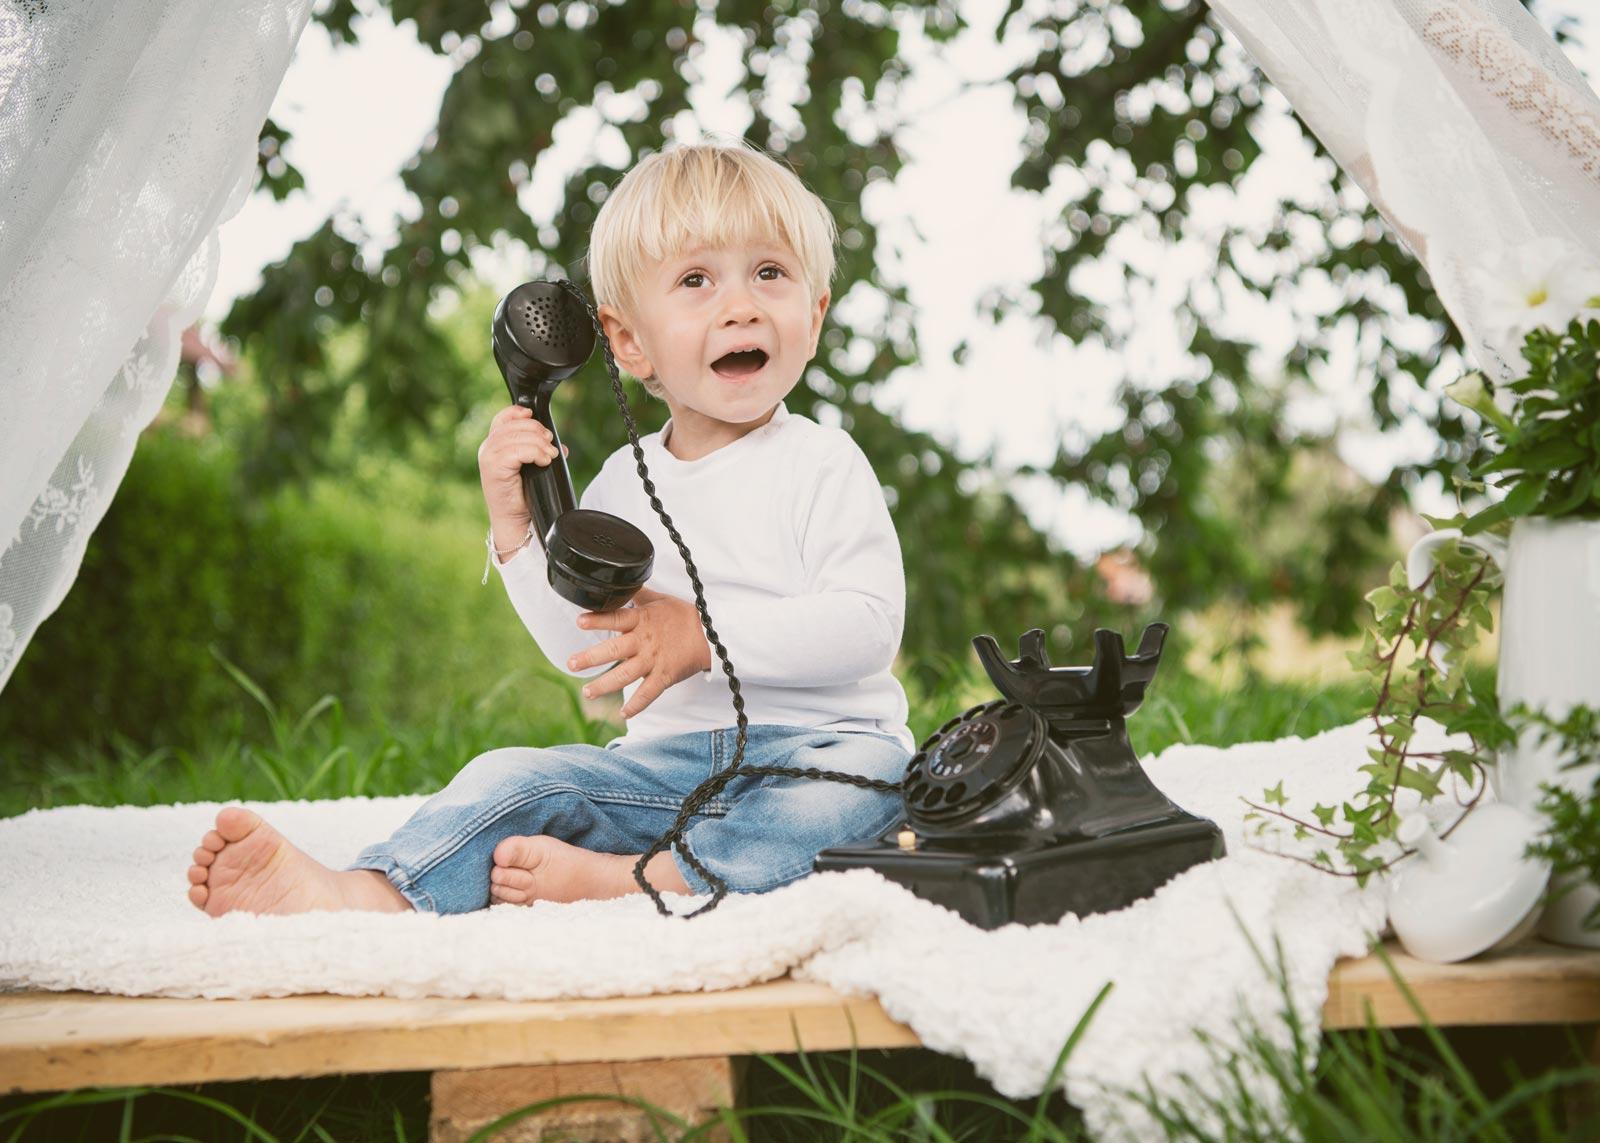 tolle fotos bei unserer kinder vintage fotoaktion